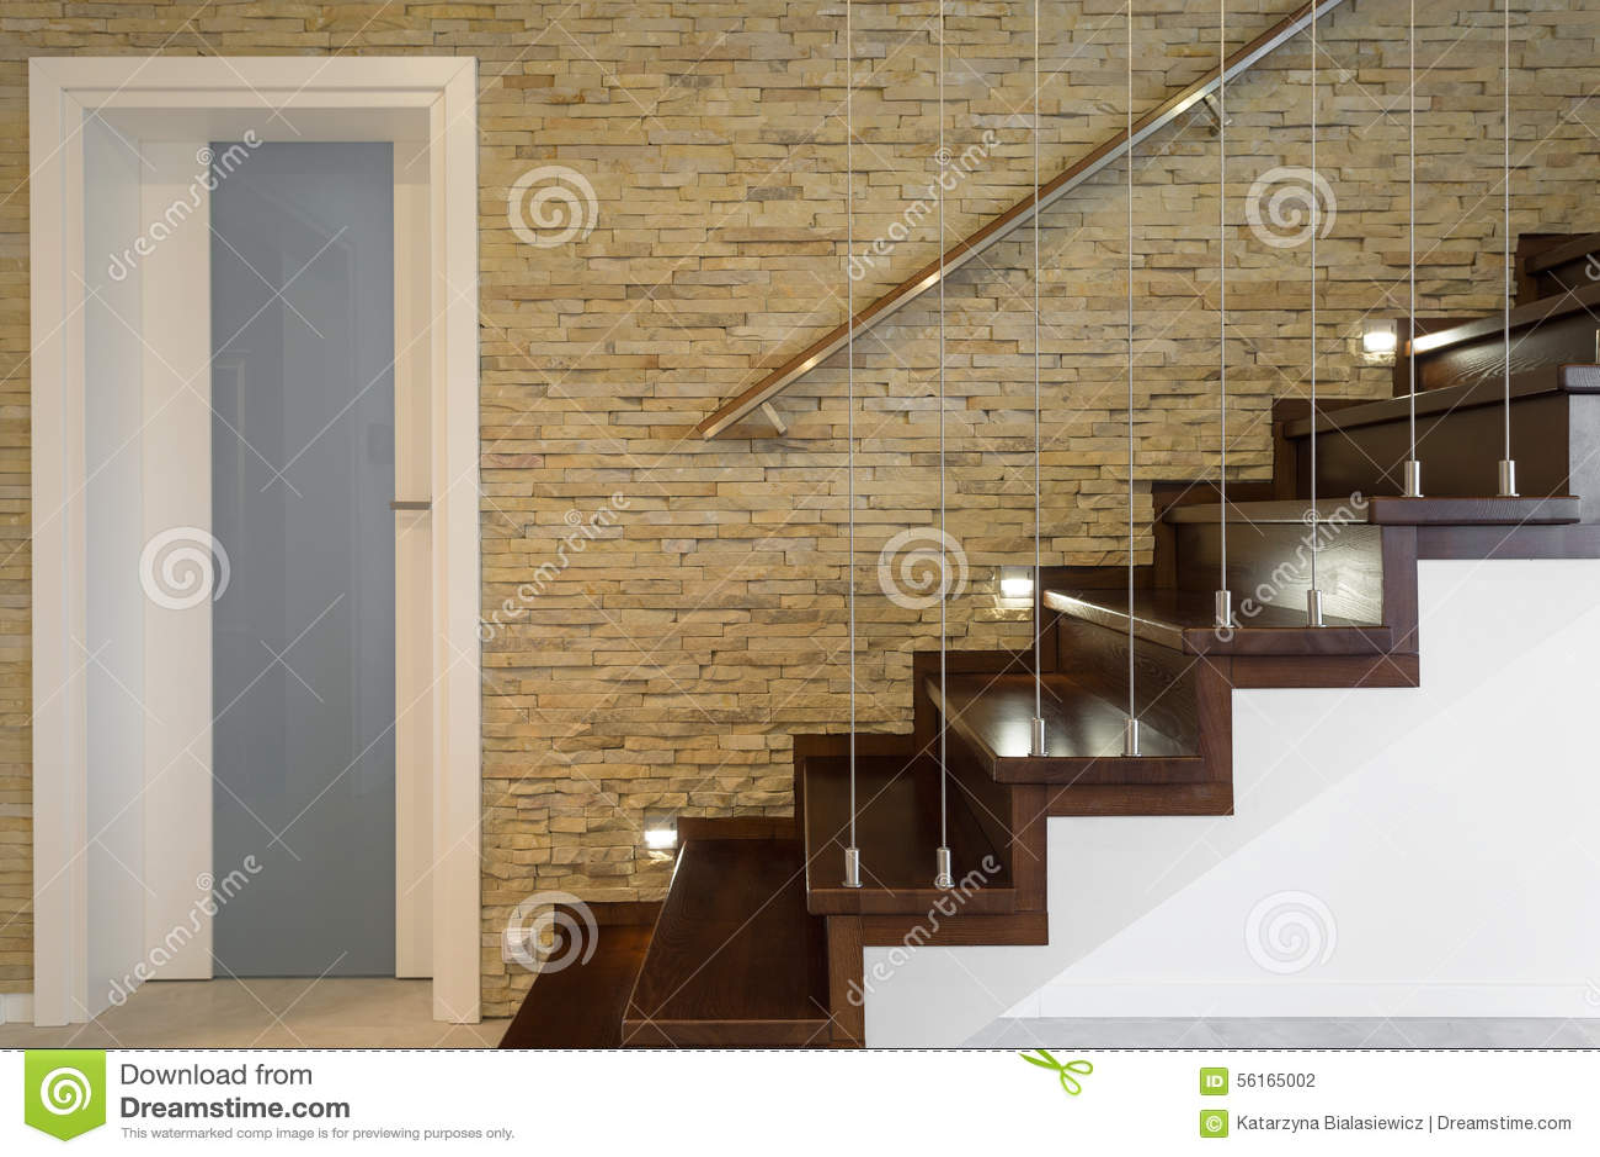 Escalier Et Mur De Briques En Bois Photo stock - Image du neuf ...